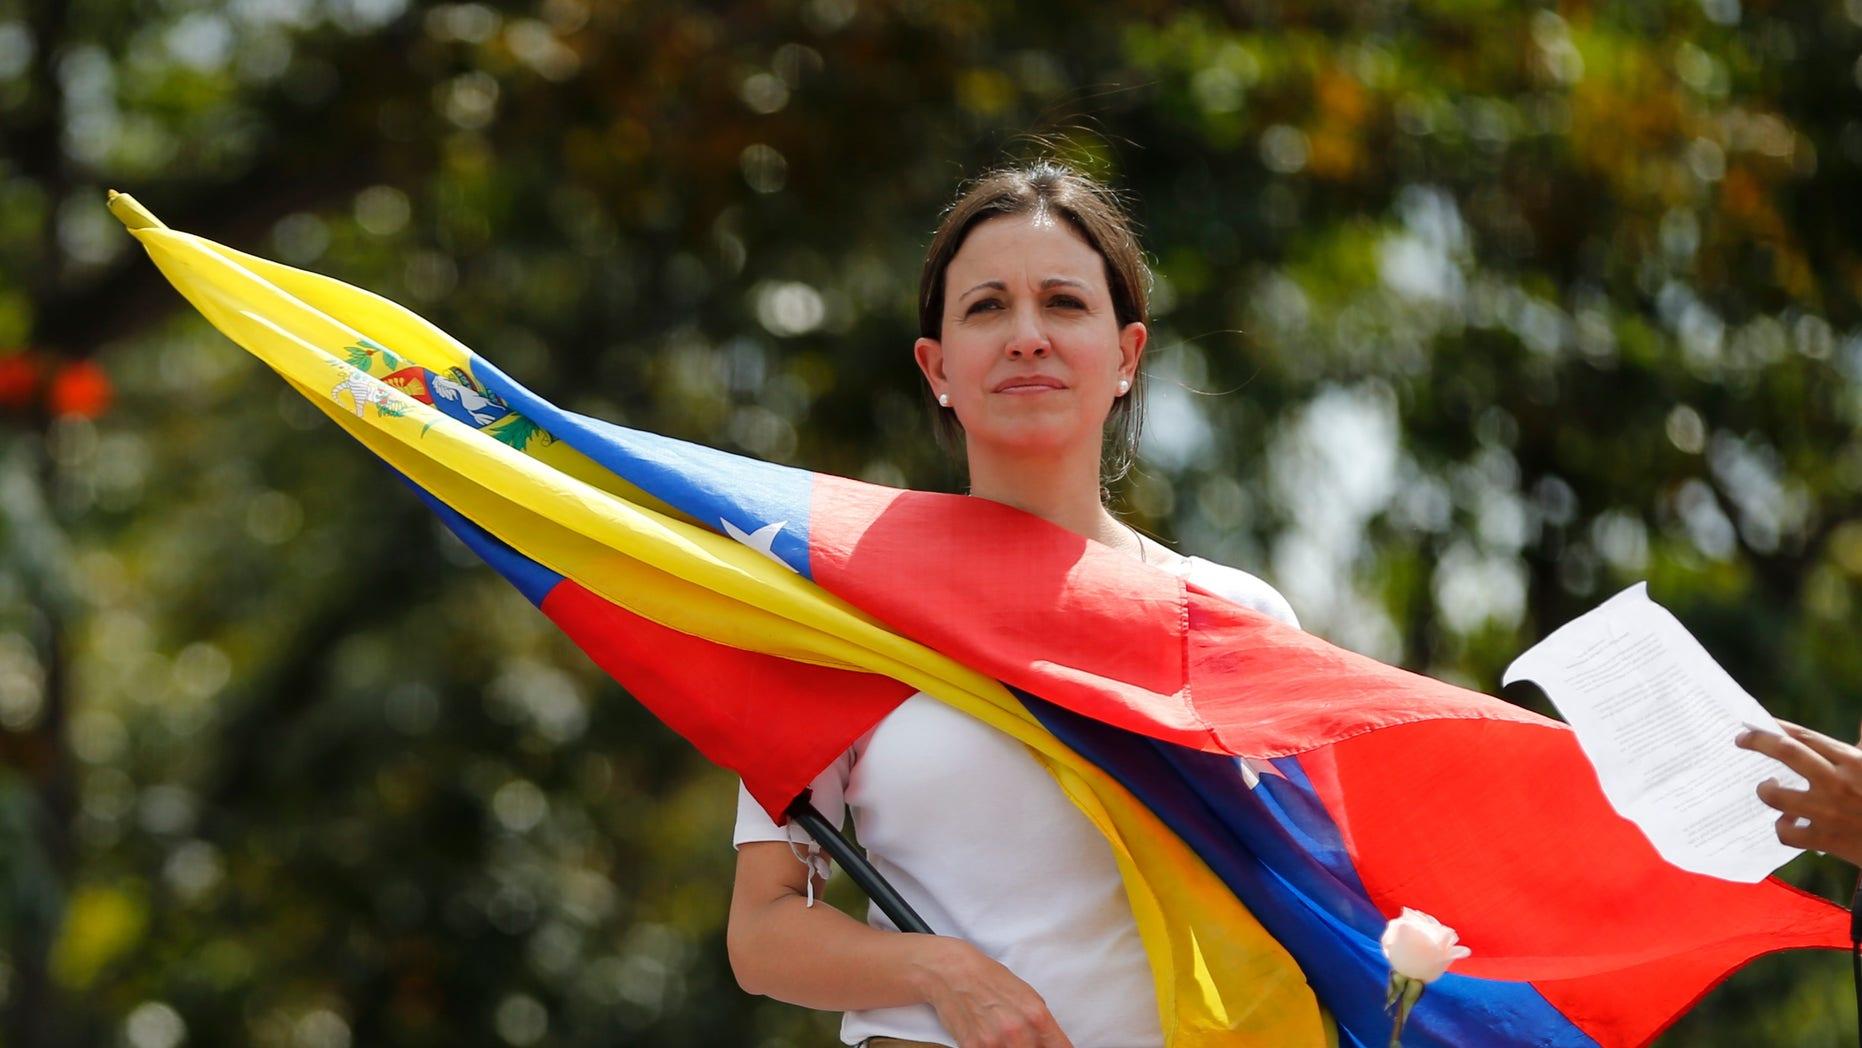 La líder opositora y congresista María Corina Machado participa de una marcha contra la represión de manifestantes ante el cuartel general de la Guardia Nacional en Caracas, Venezuela, el miércoles 26 de febrero de 2014. (AP foto/Fernando Llano)